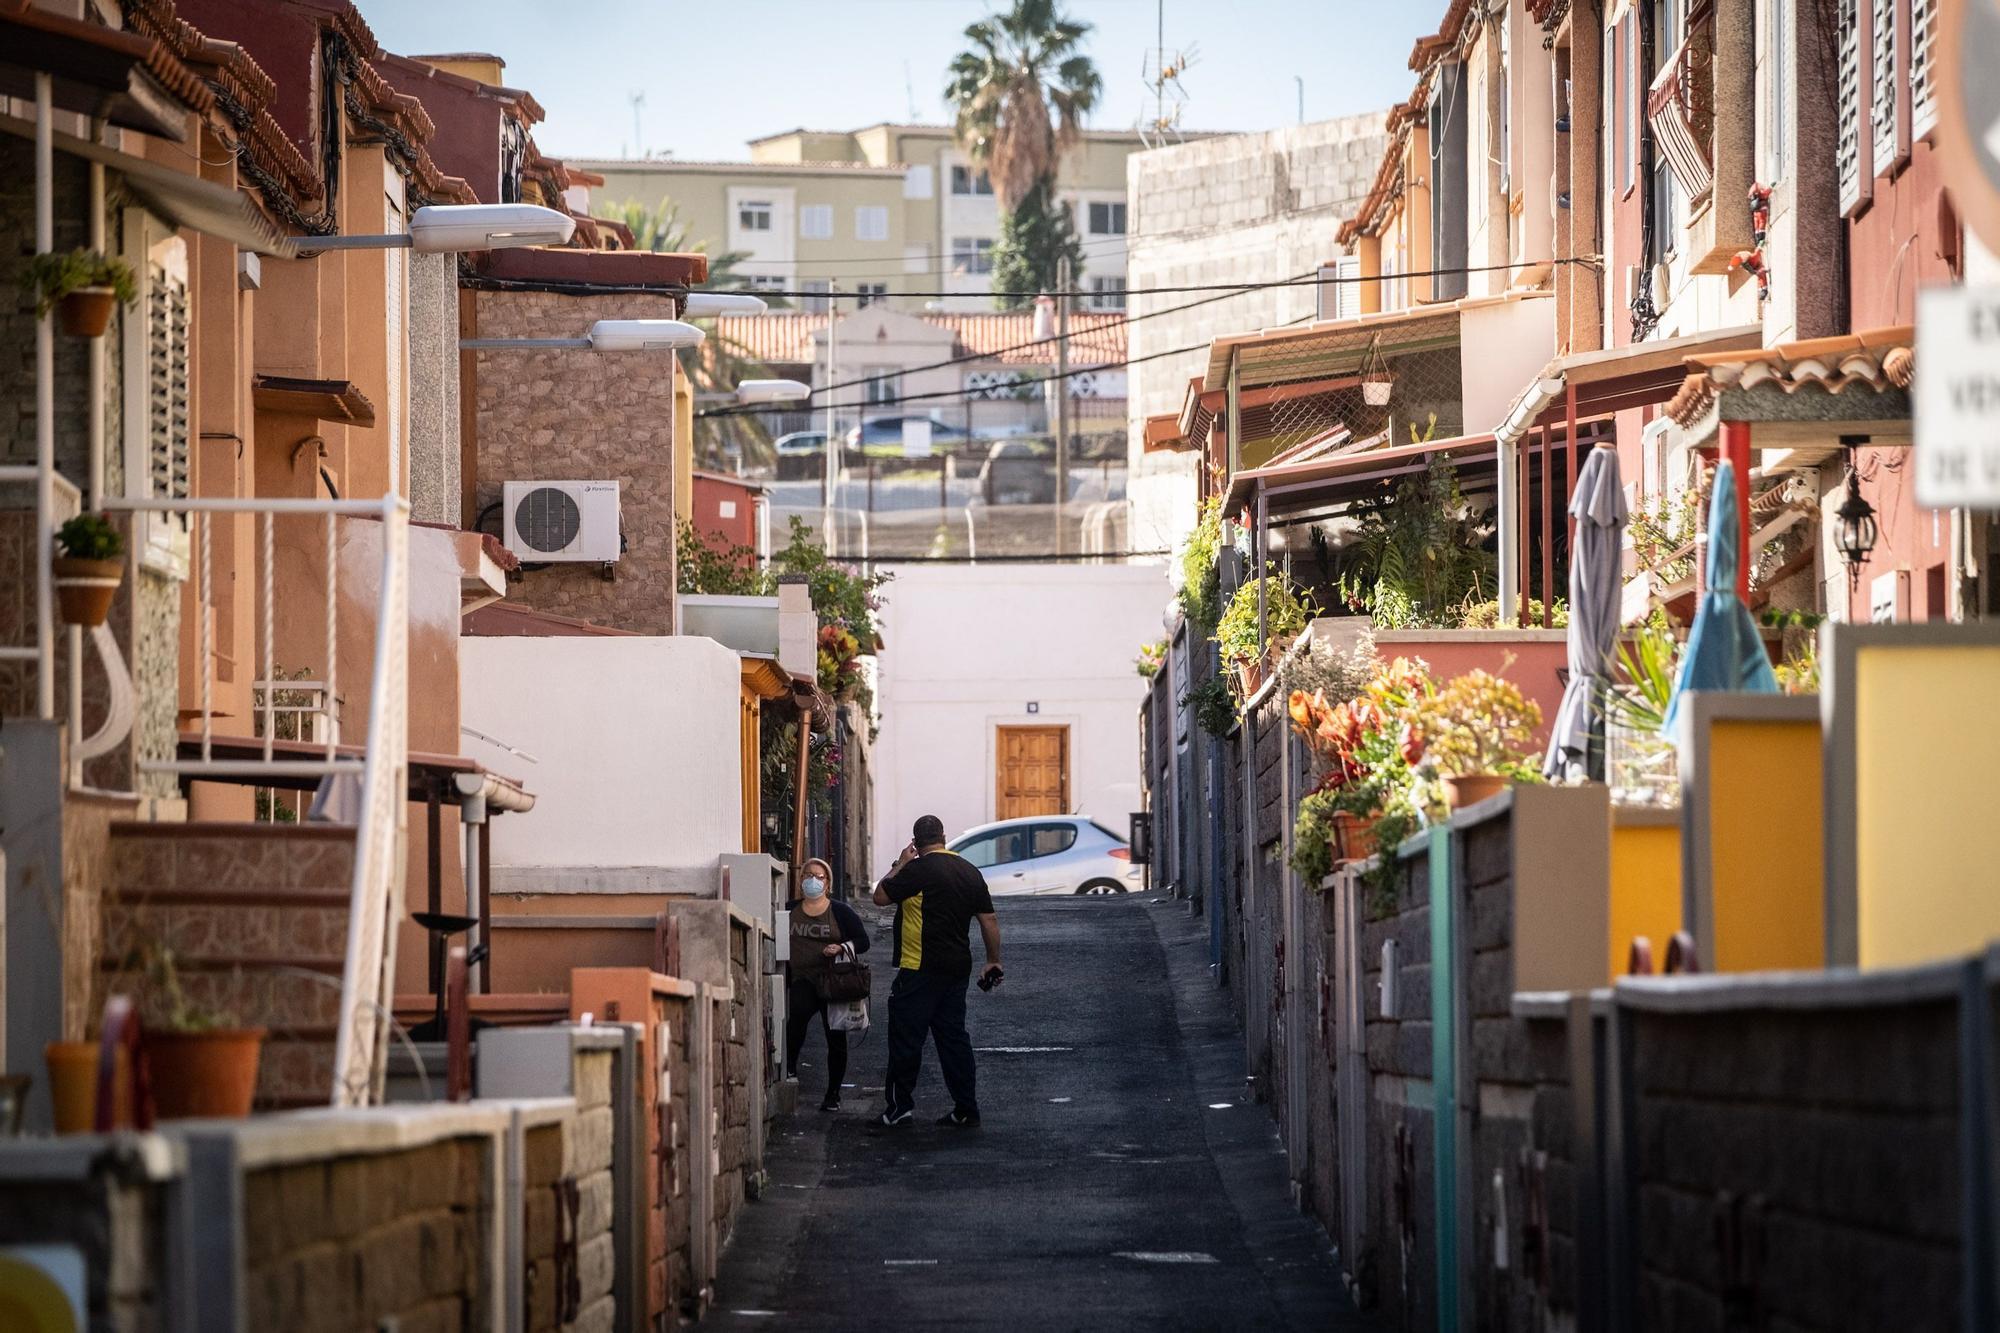 Visita por el barrio de Somosierra